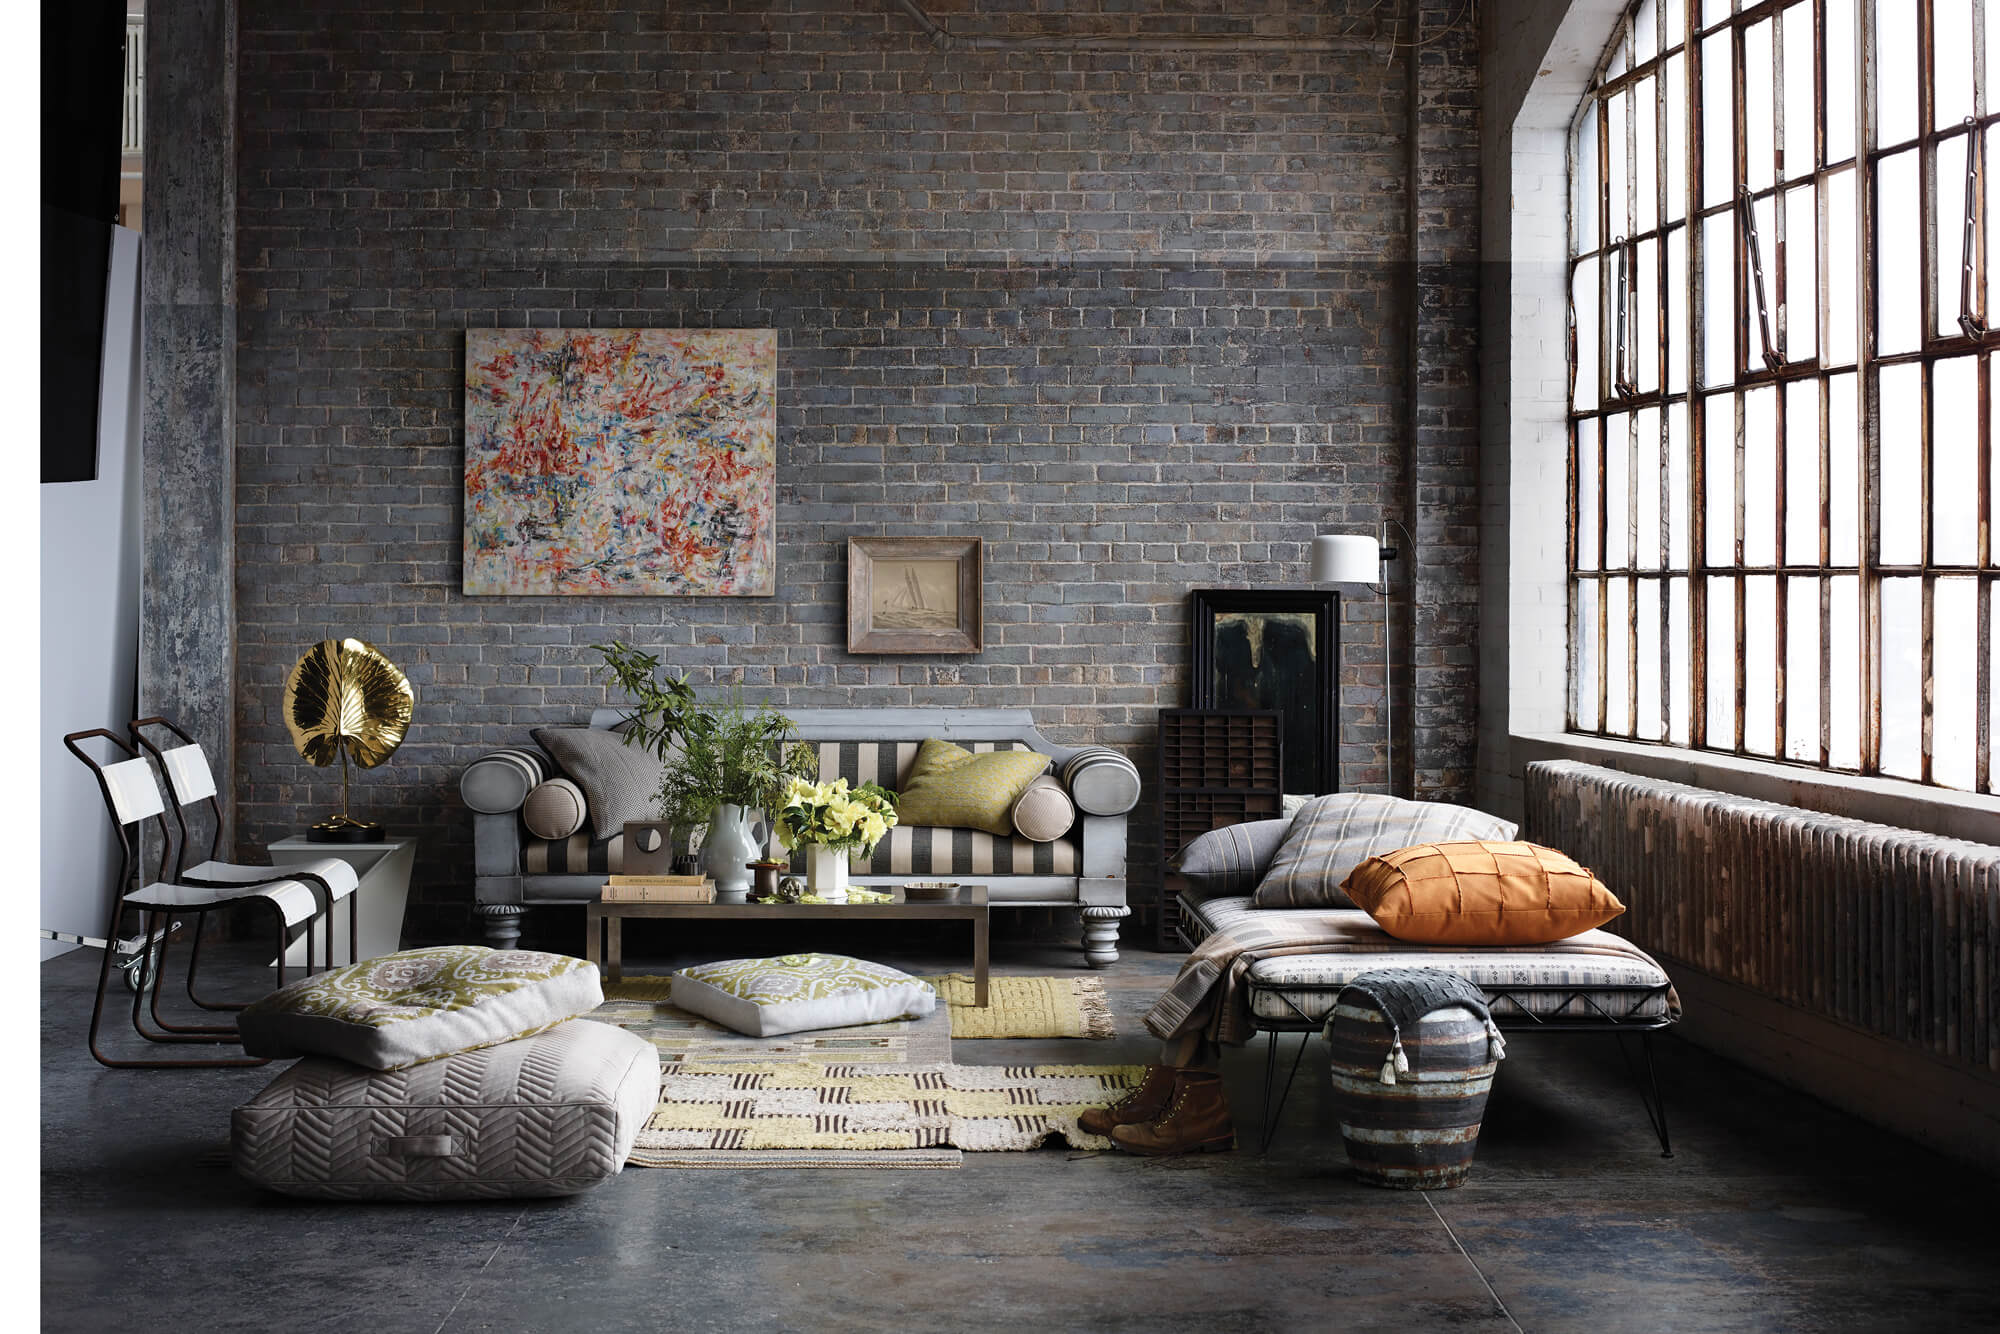 ห้องนั่งเล่นได้รับการทำให้โดดเด่นสะดุดตาด้วยโซฟาสีขาวและดำลายทาง พร้อมตกแต่งห้องด้วยอุปกรณ์ต่าง ๆ รอบ ๆ ห้อง